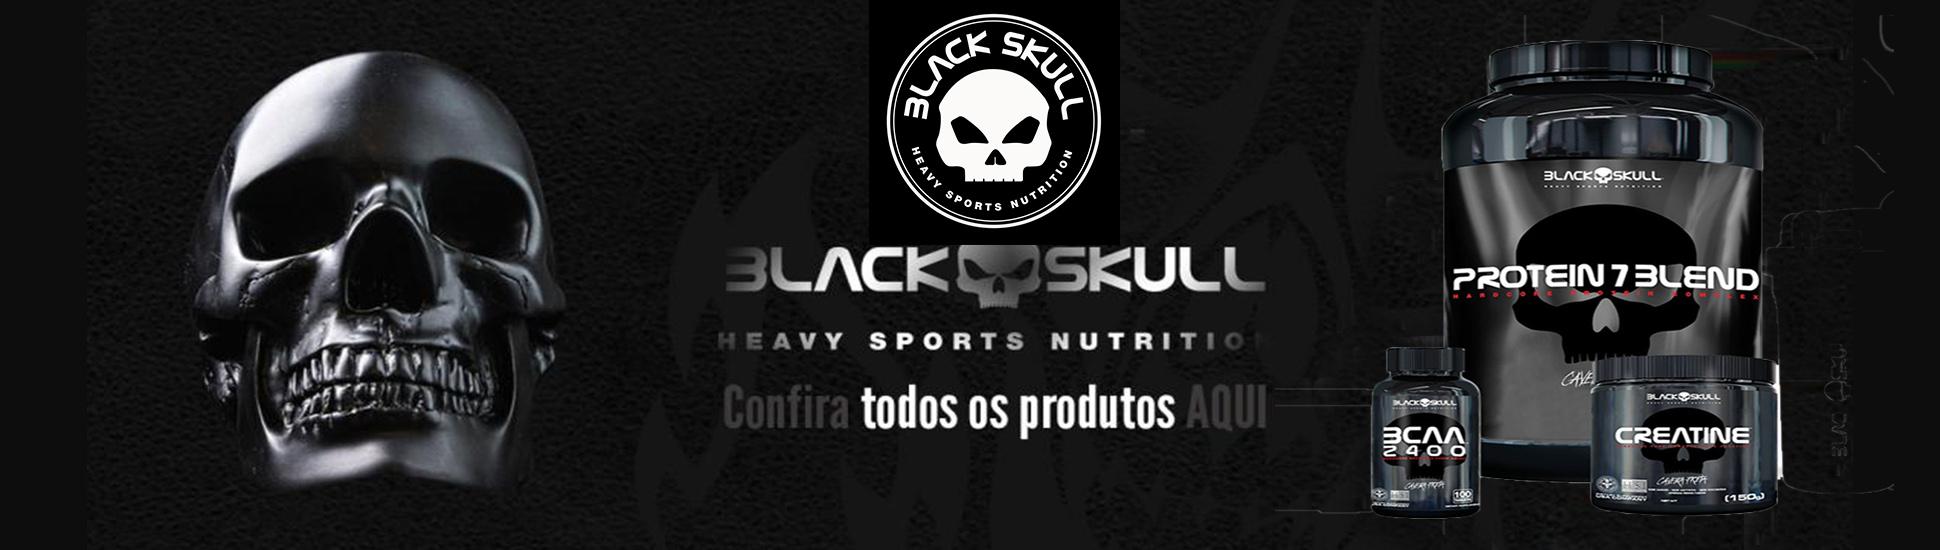 PRODUTOS BLACK